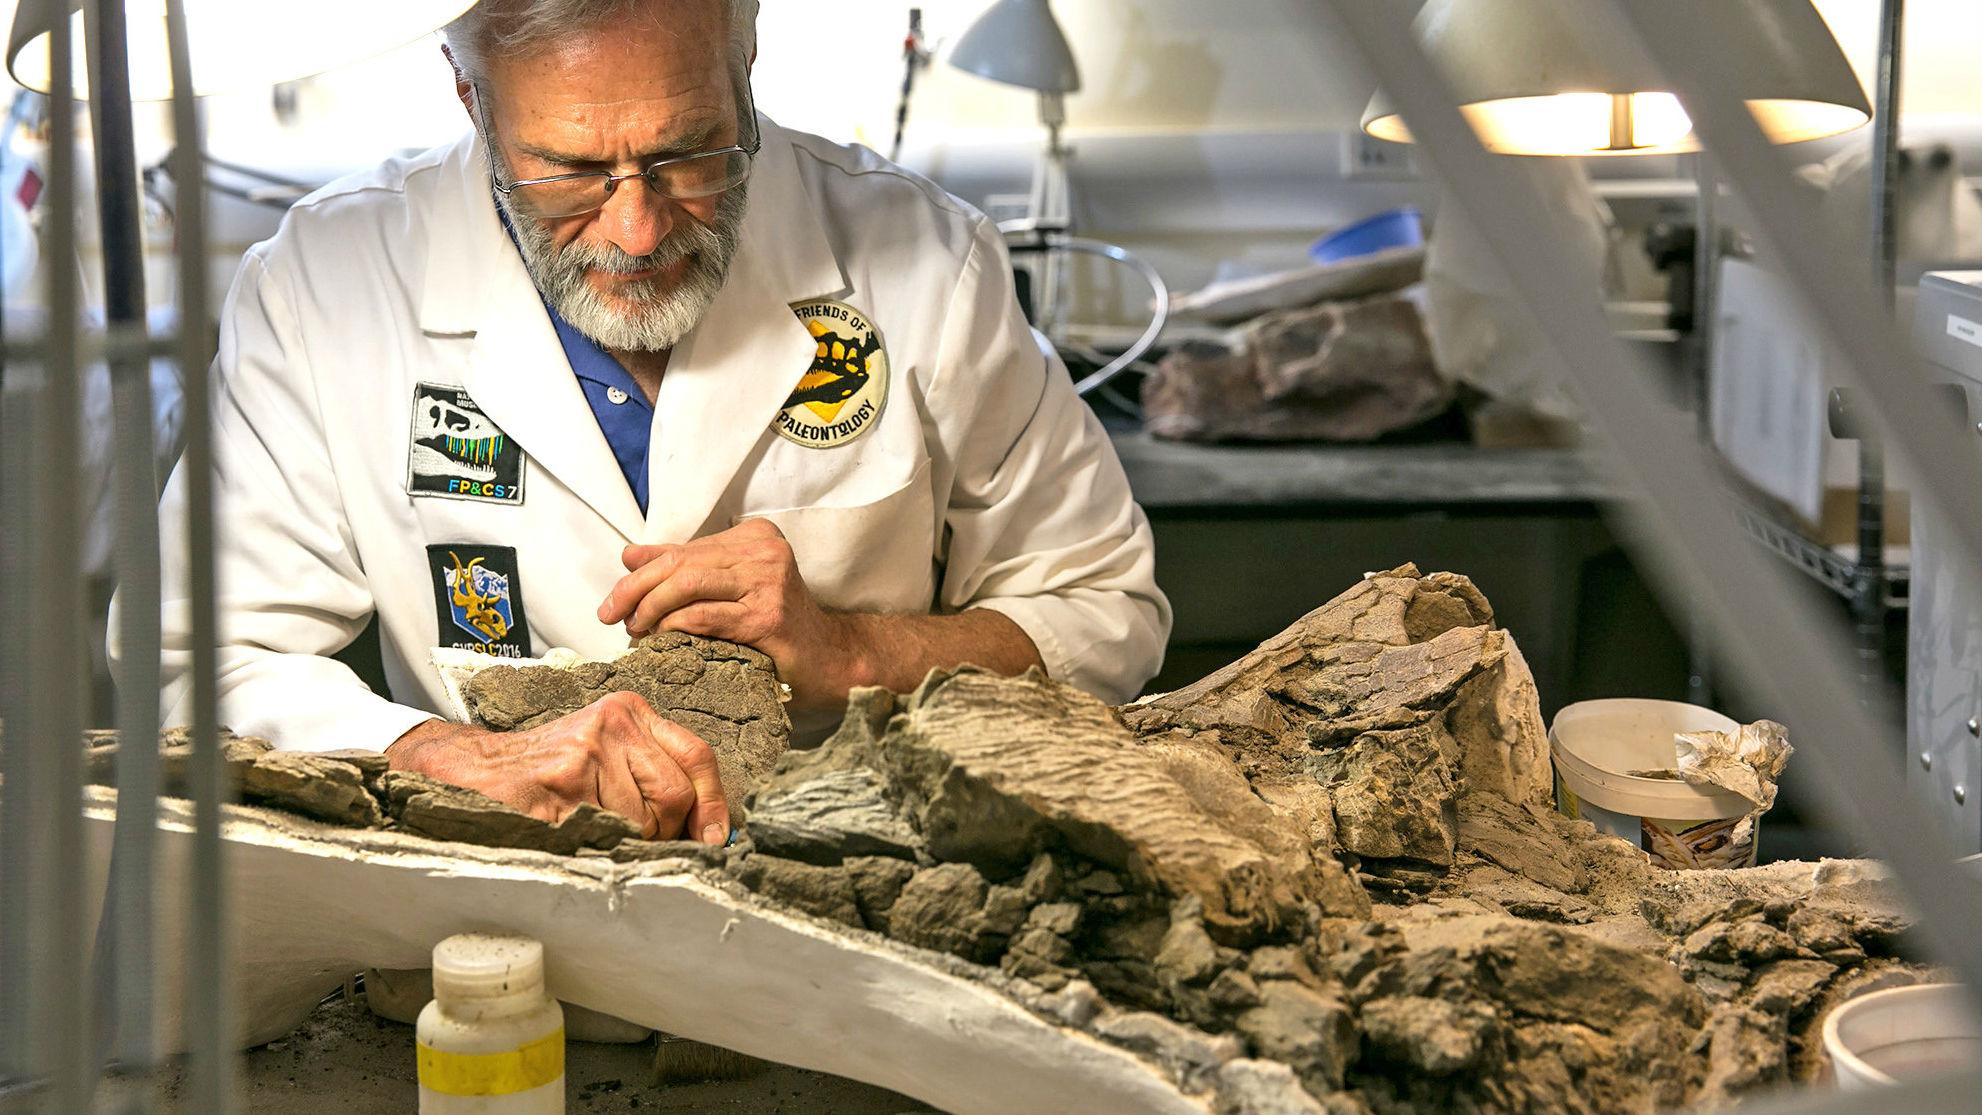 Работник музея Рэнди Джонсон провёл сотни часов, удаляя мусор со скелета динозавра. Видовая часть названия древнего существа была дана в его честь.